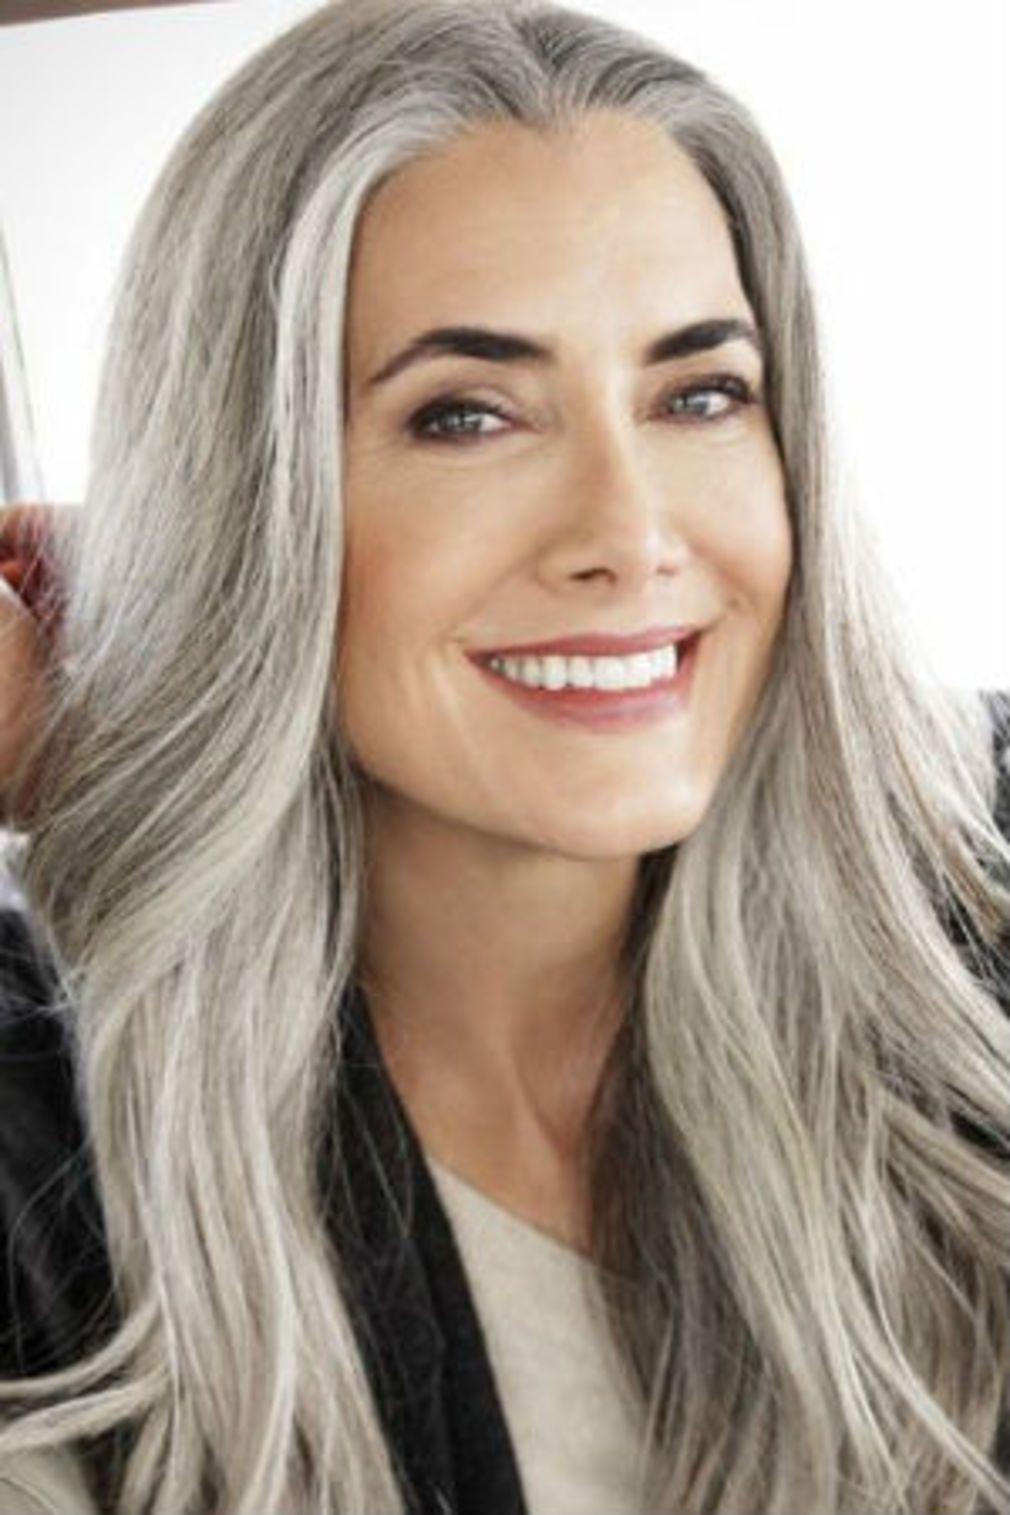 Cheveux gris les coiffures qui ne font pas mamie en 2019